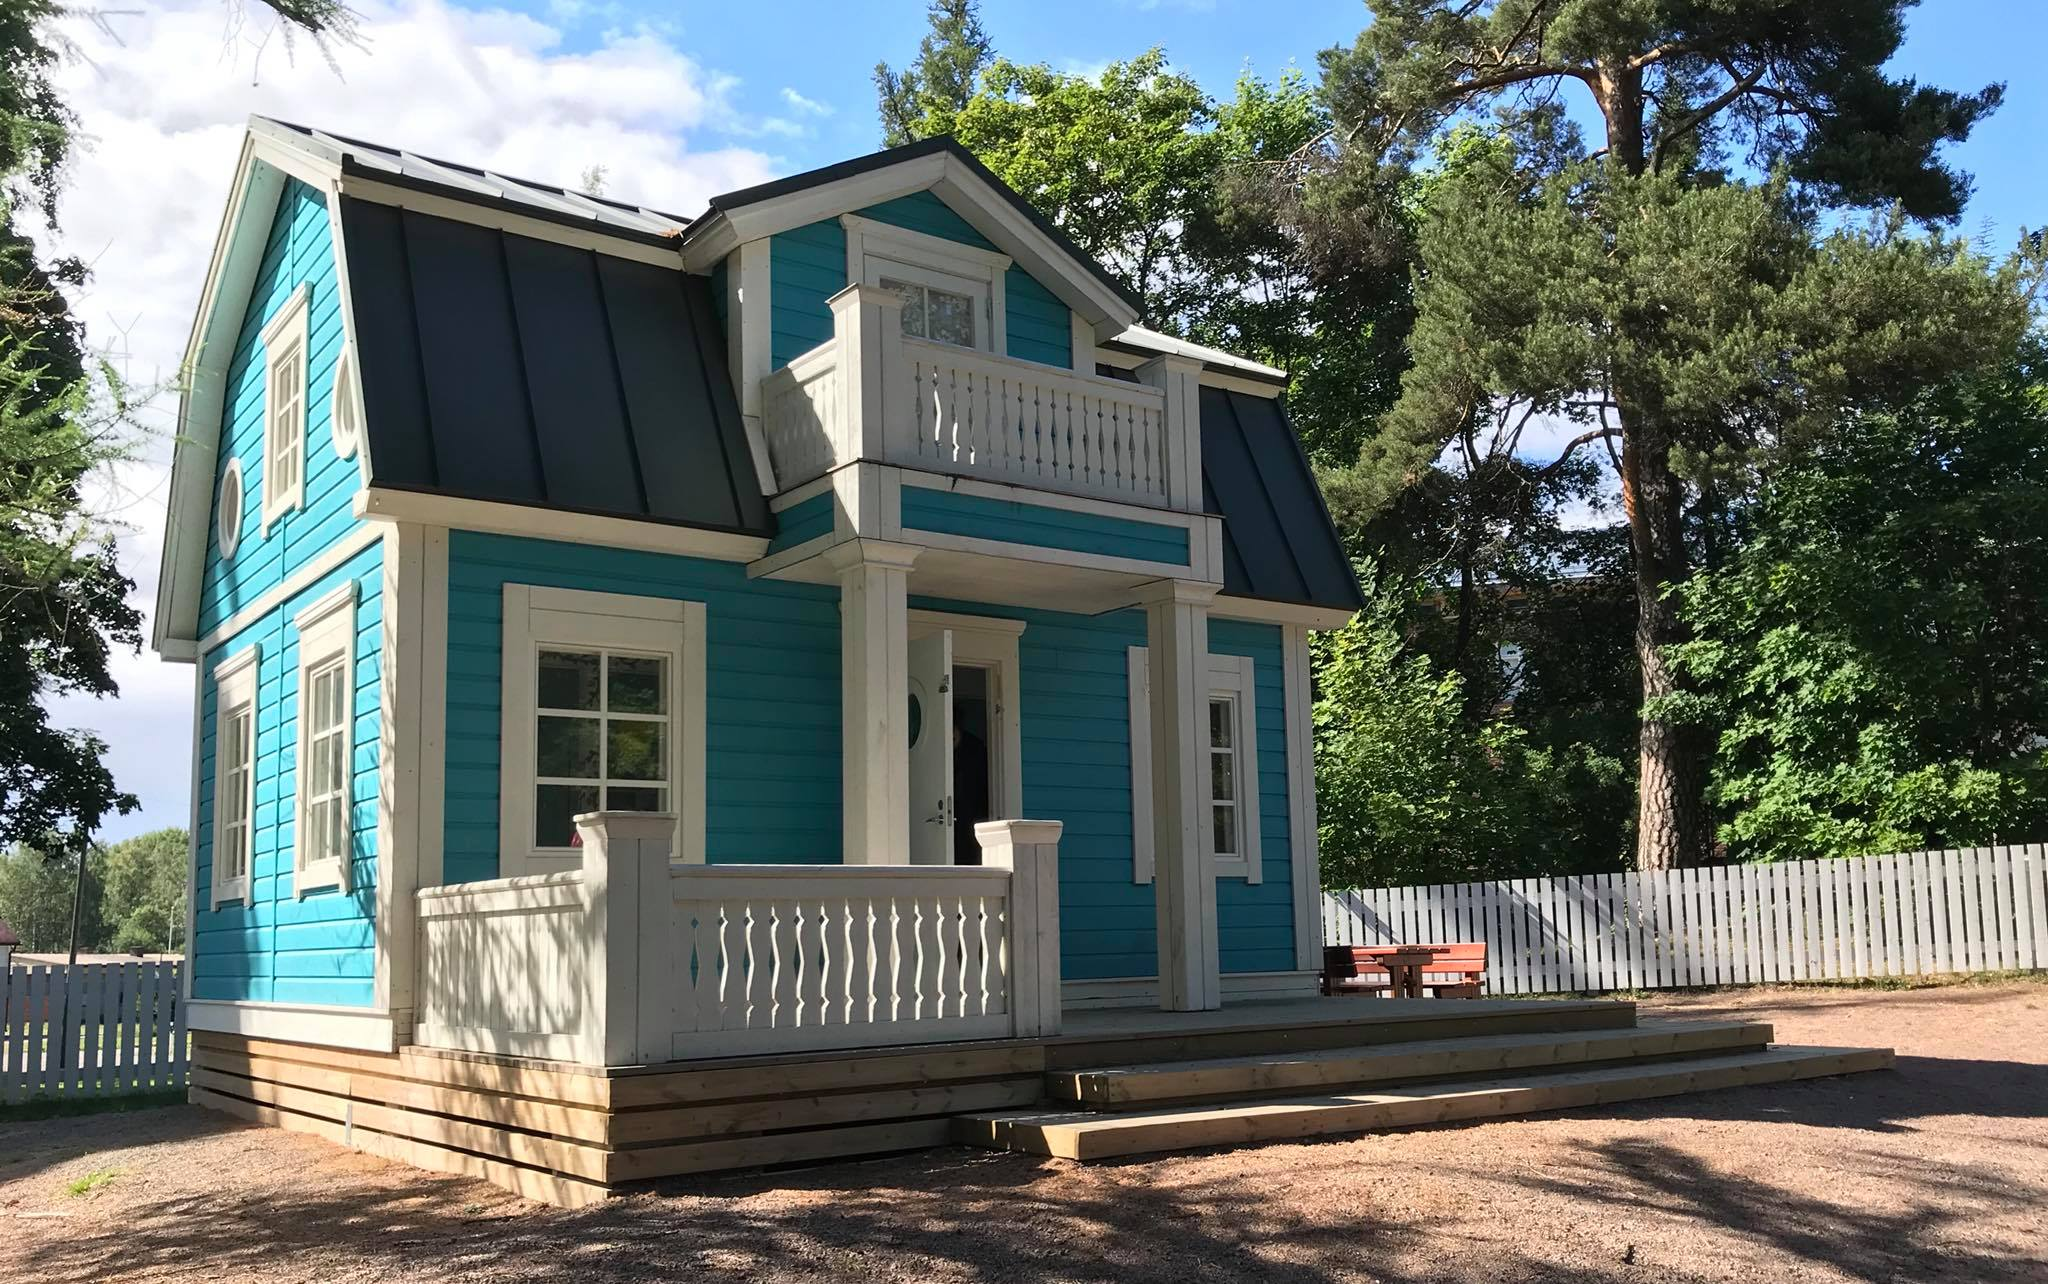 Loviisan Kappelin puiston leikkipaikalla on Onnelin ja Annelin talo.